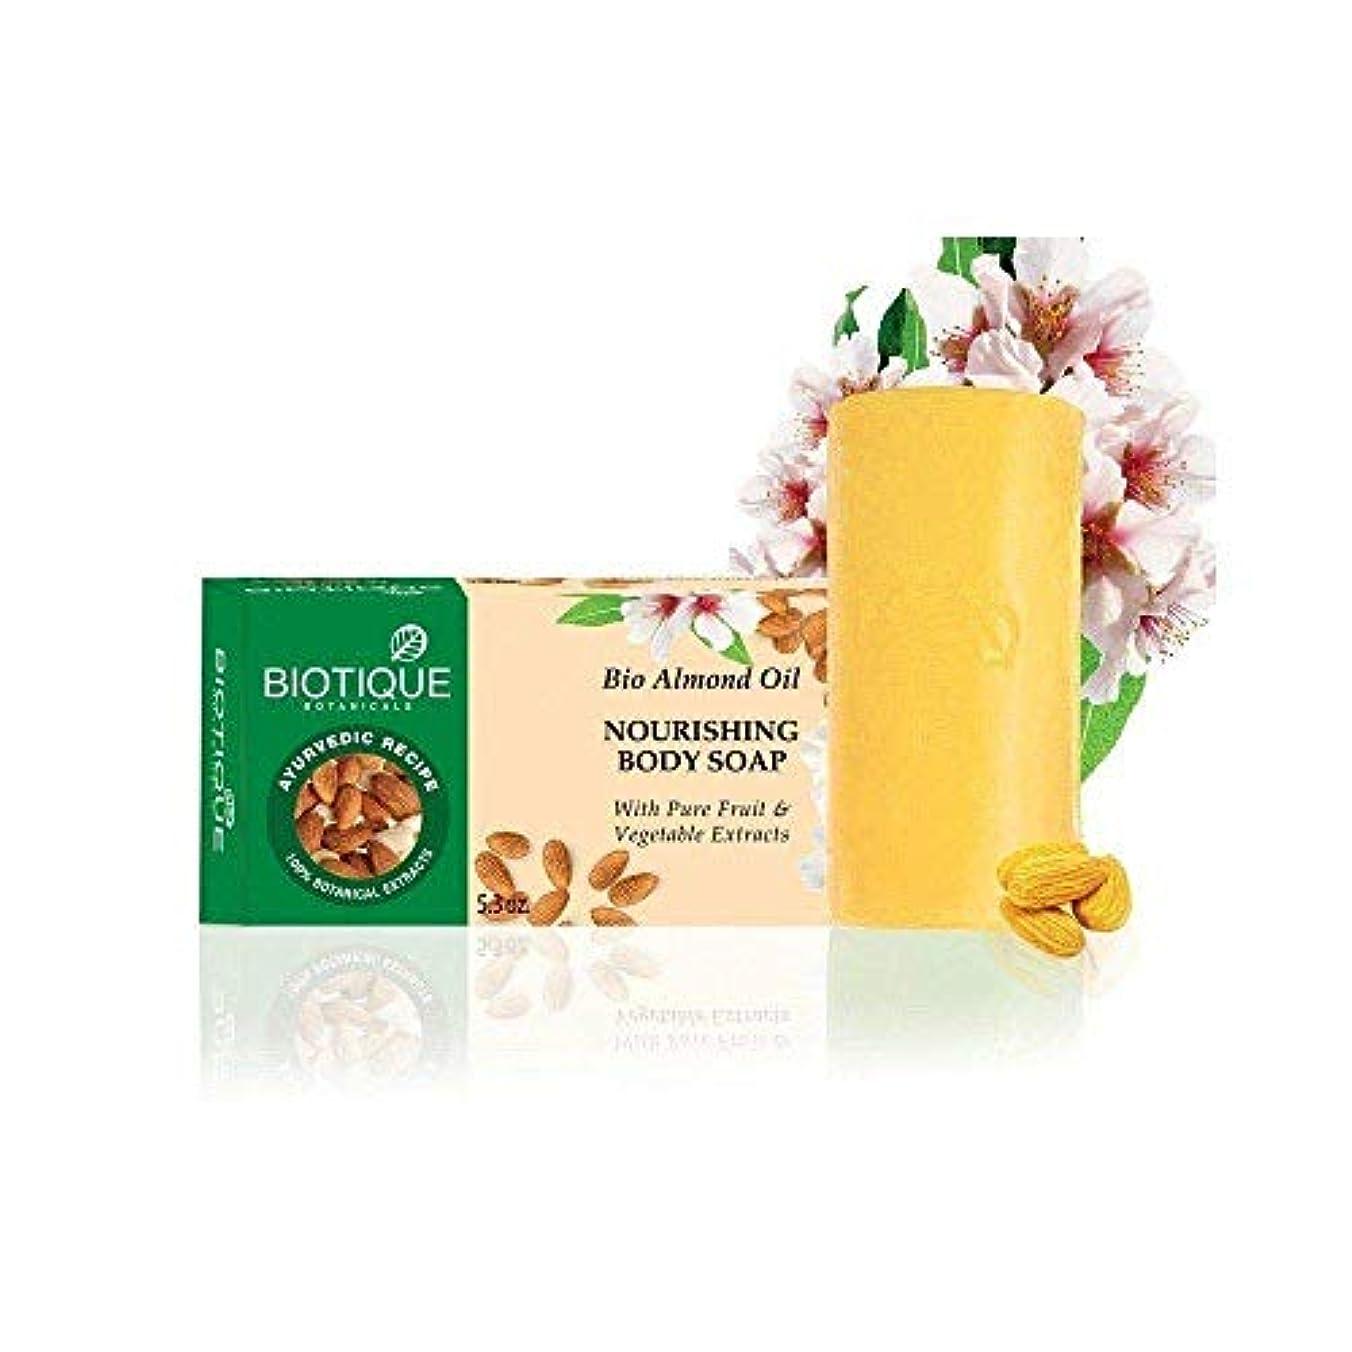 余剰アセンブリ不完全なBiotique Bio Almond Oil Nourishing Body Soap - 150g (Pack of 2) wash Impurities Biotique Bio Almond Oilナリッシングボディソープ...